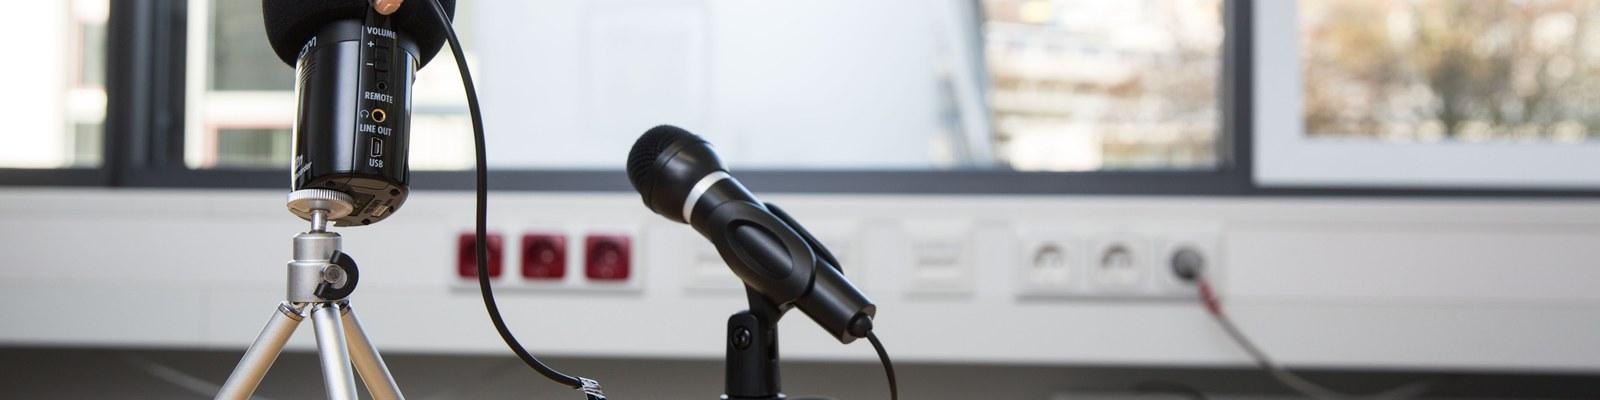 Mikrofon und Aufnahmegerät